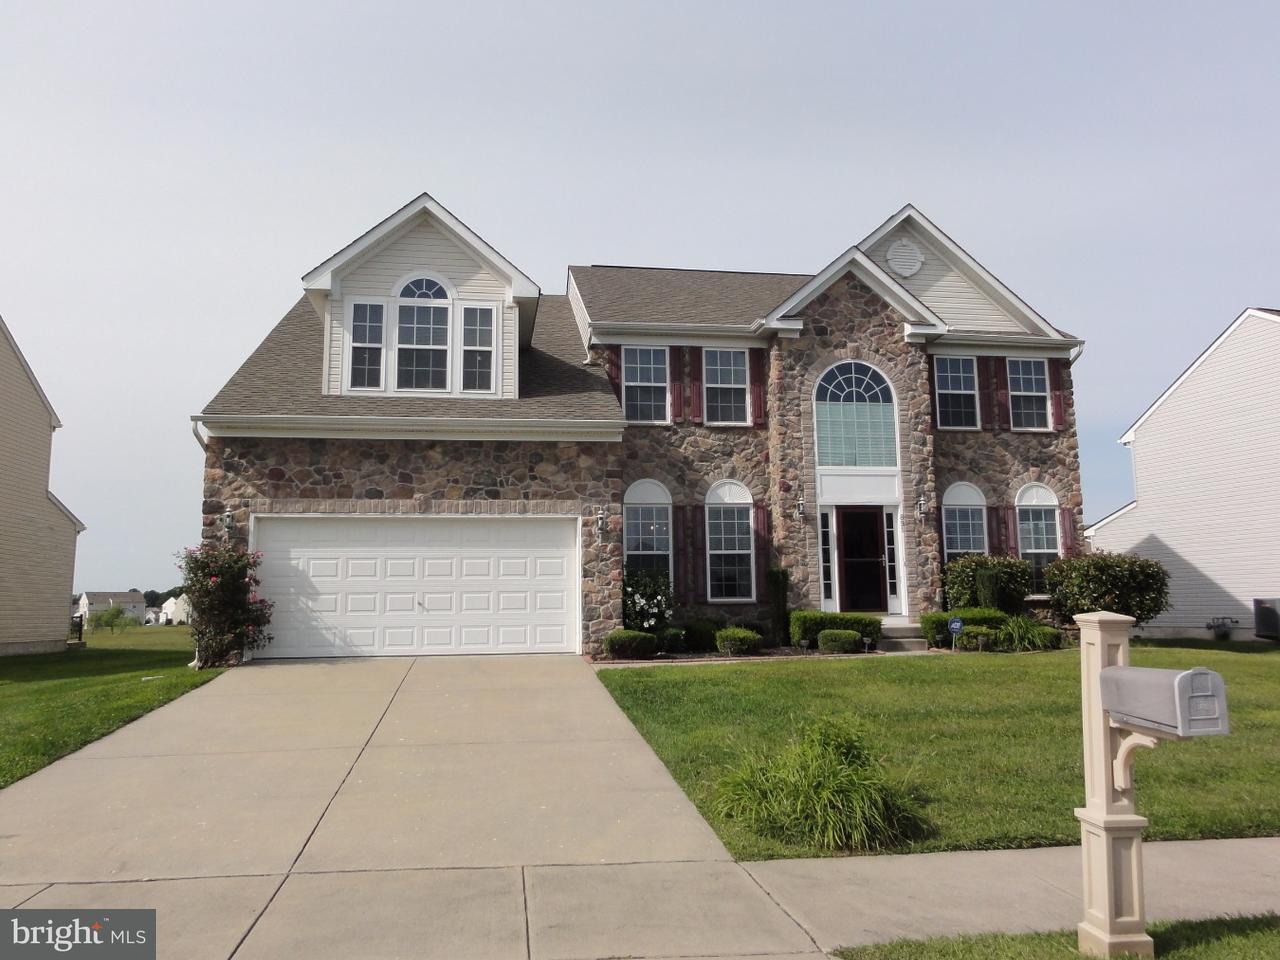 Villa per Vendita alle ore 891 WINDROW WAY Magnolia, Delaware 19962 Stati Uniti